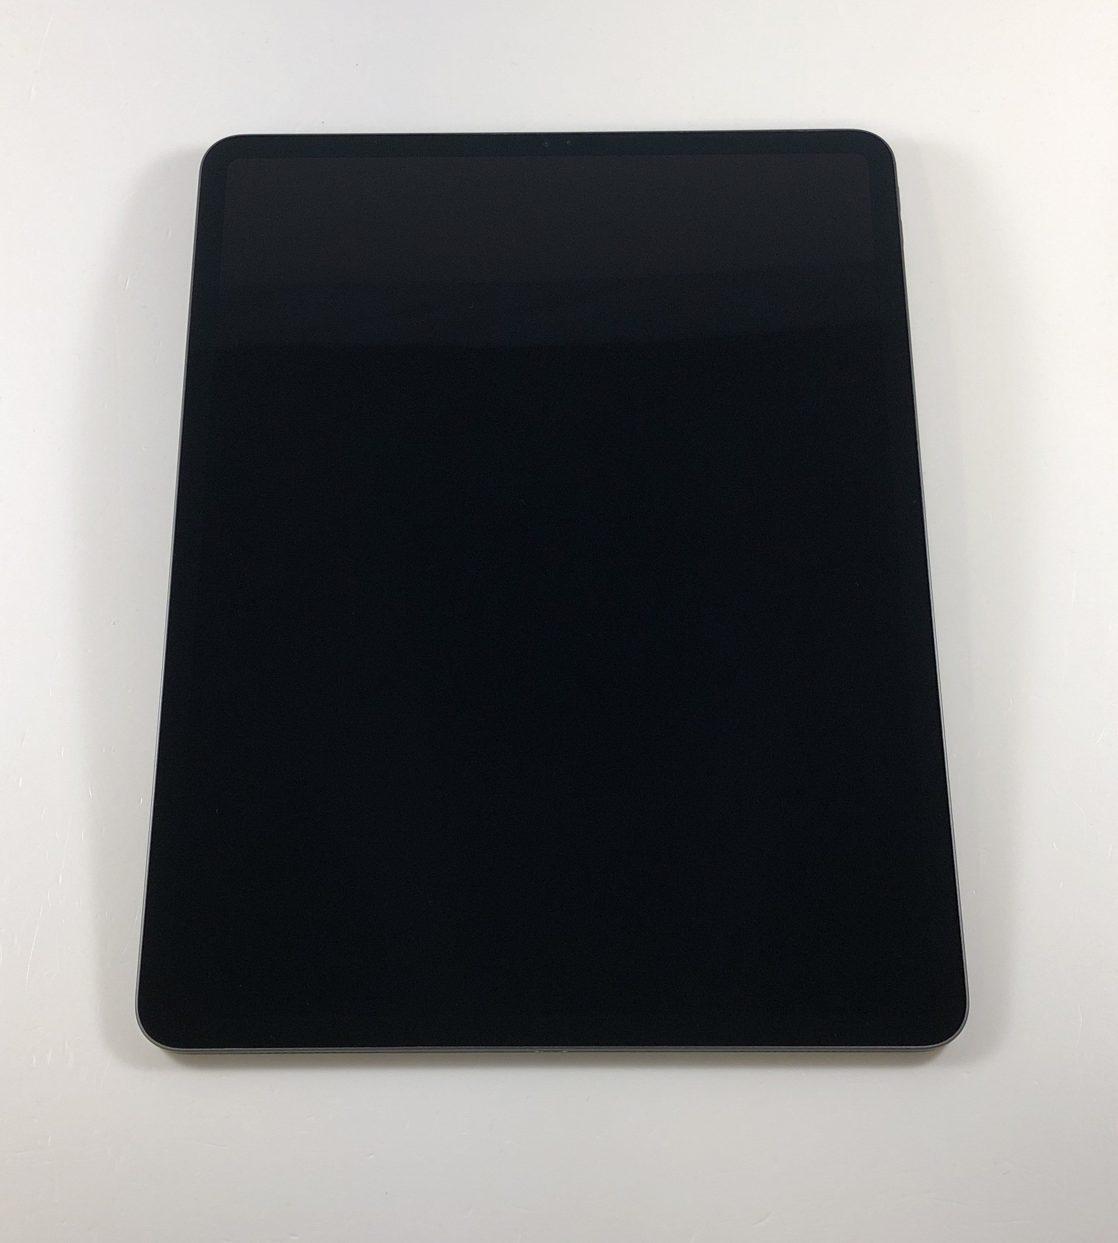 """iPad Pro 12.9"""" Wi-Fi (3rd Gen) 64GB, 64GB, Space Gray, immagine 1"""